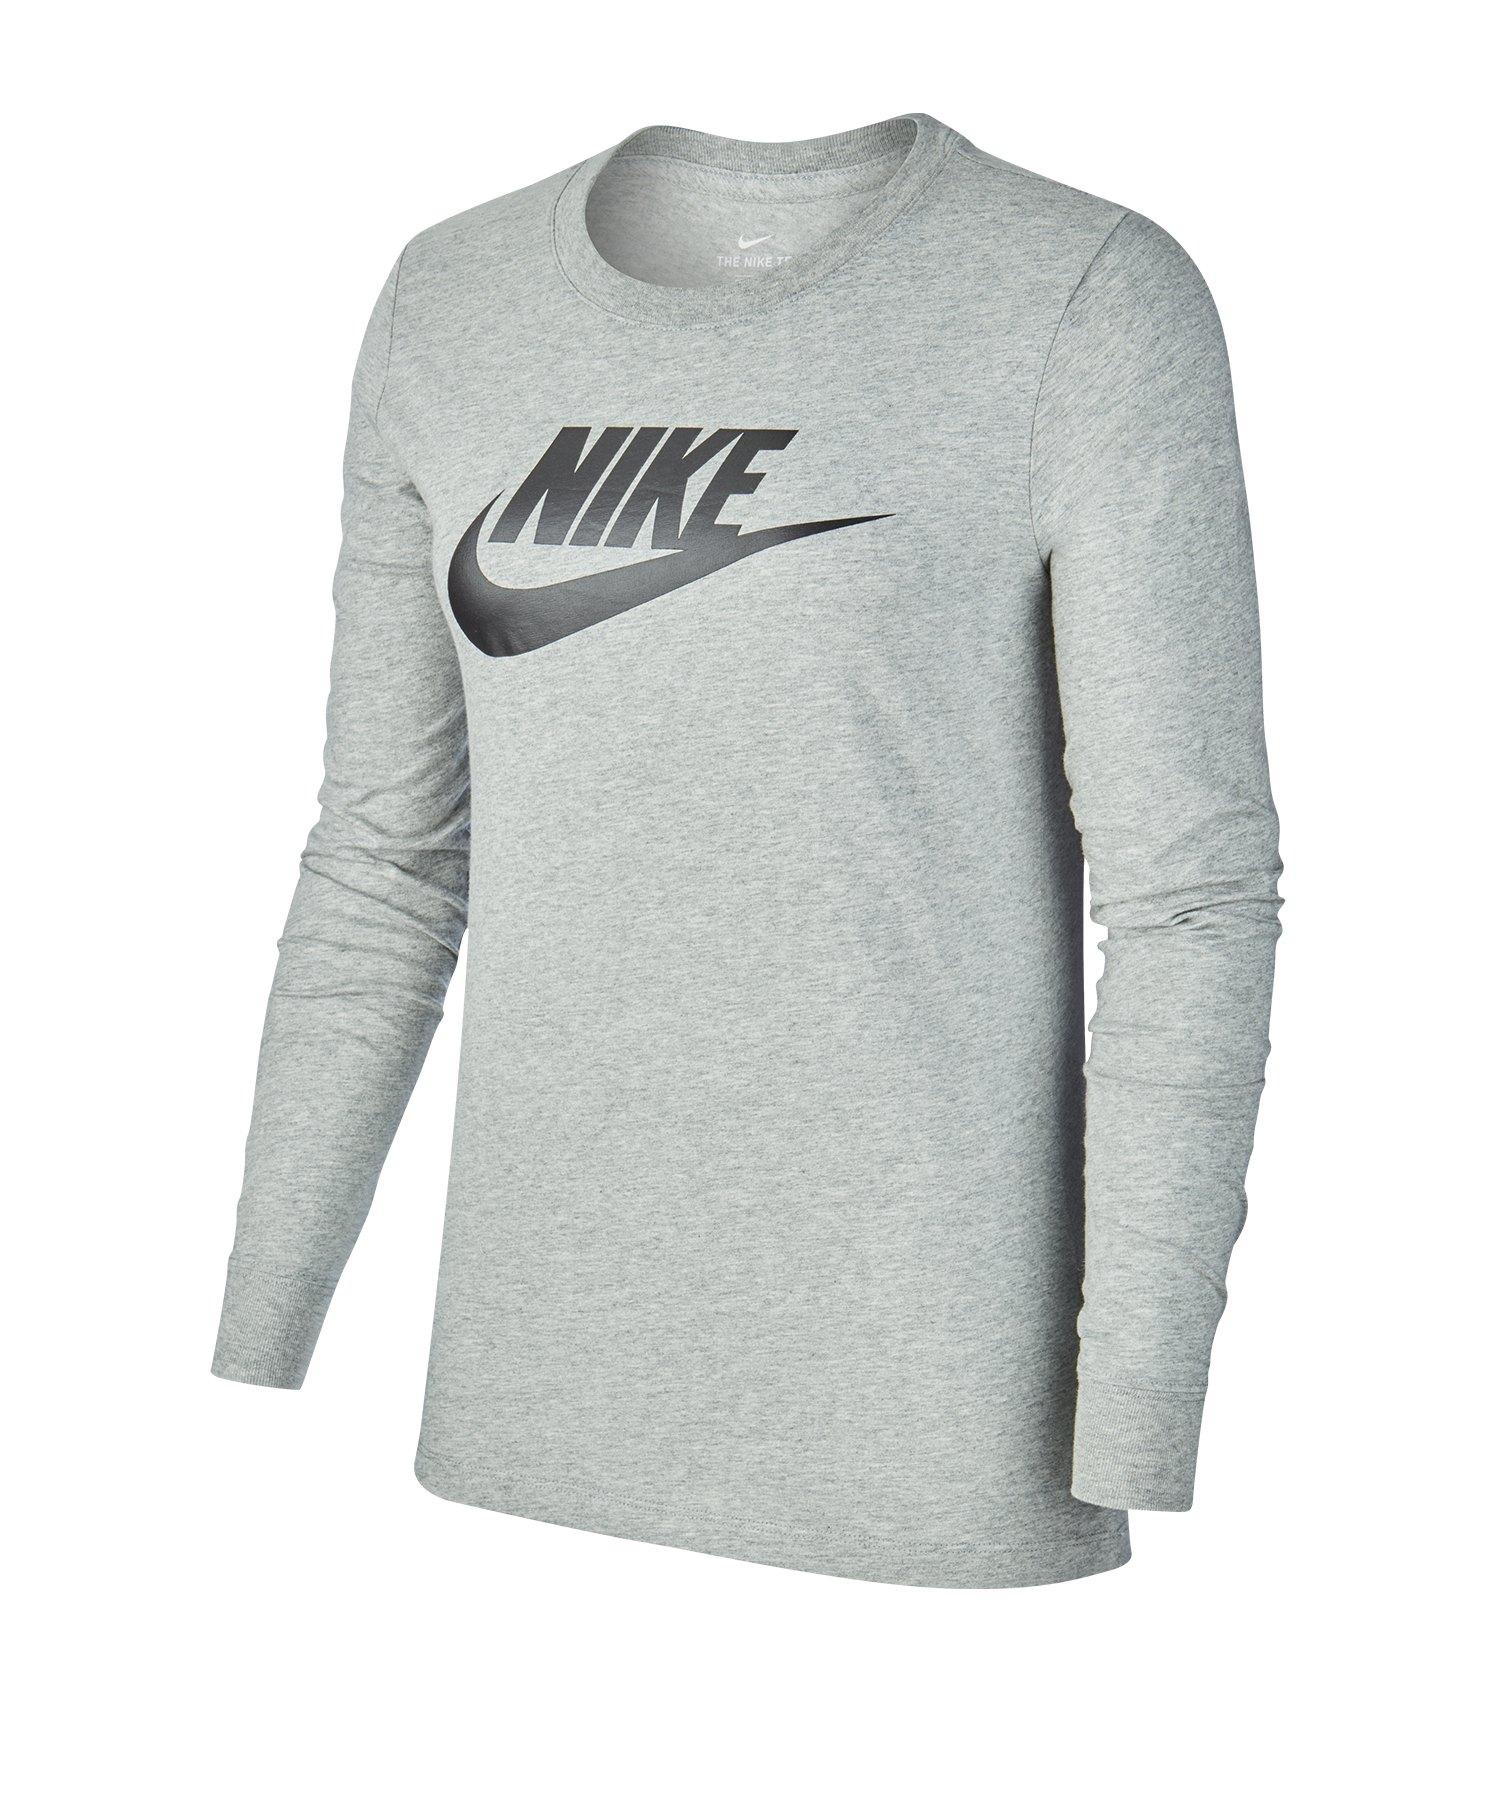 Nike Essential Shirt langarm Damen Grau F063 - grau